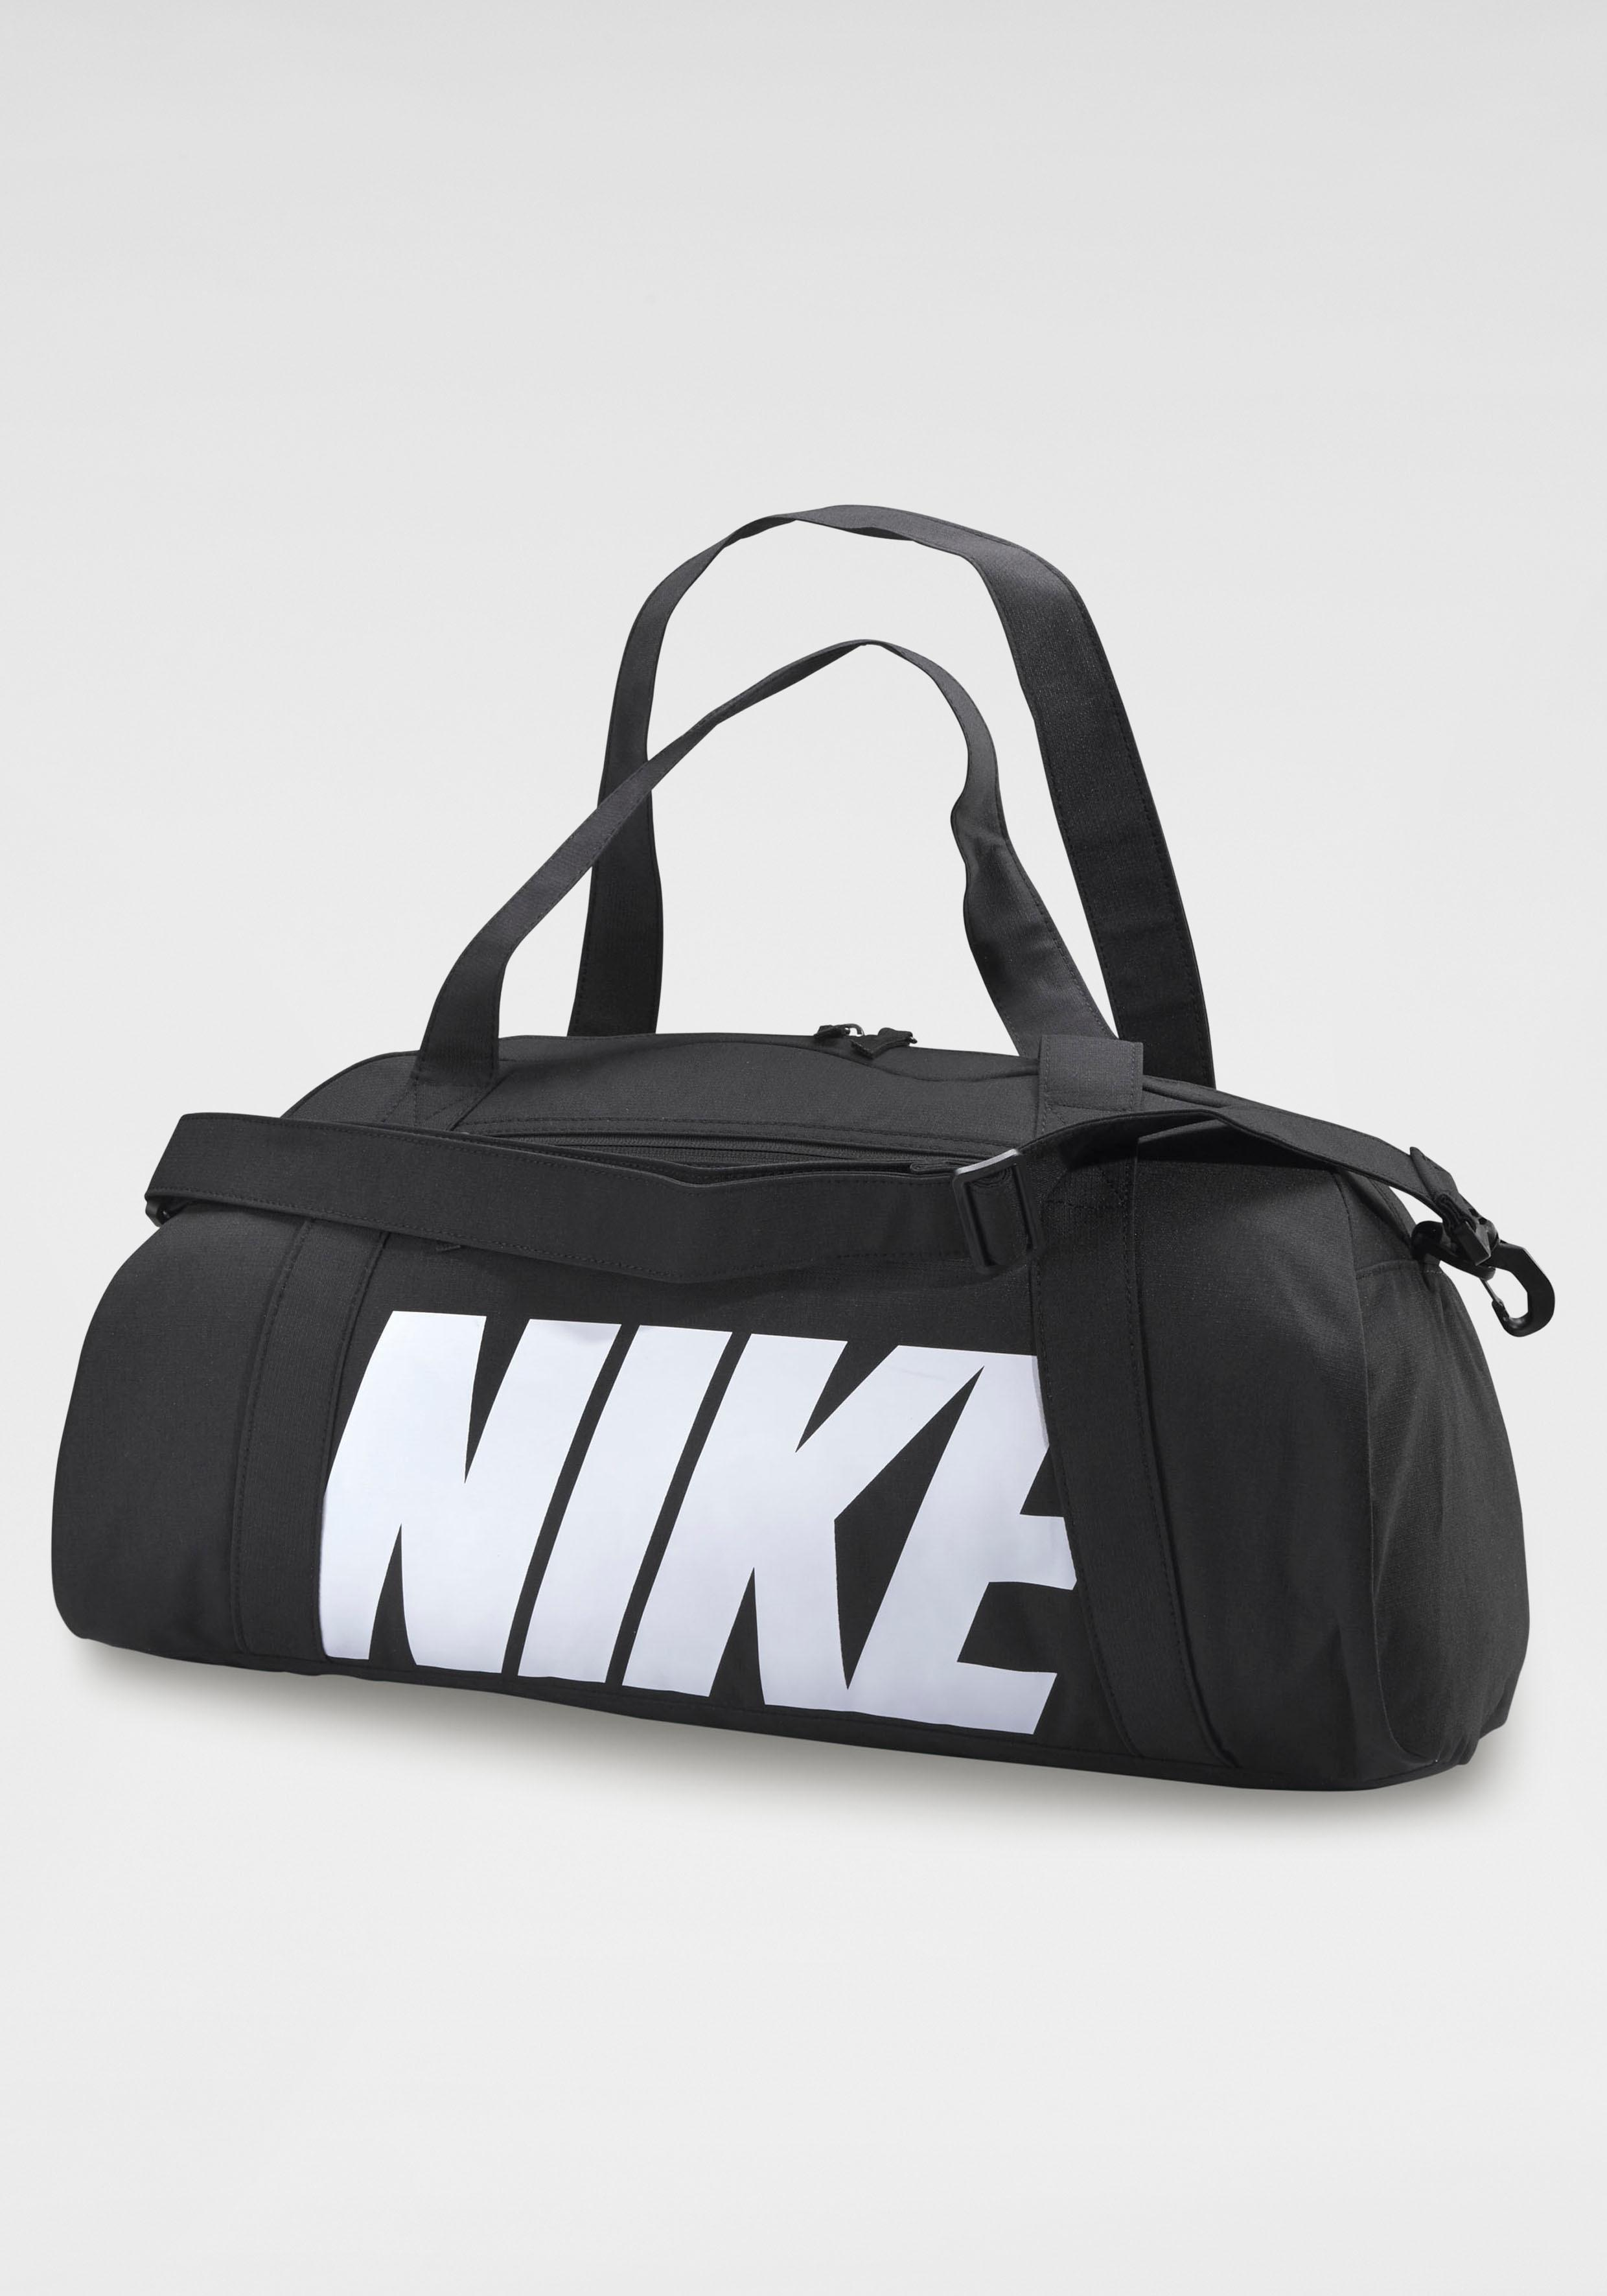 7d4d08df9ba6 Nike sporttáska »NIKE GYM CLUB TRAINING DUFFEL BAG« - Glami.hu